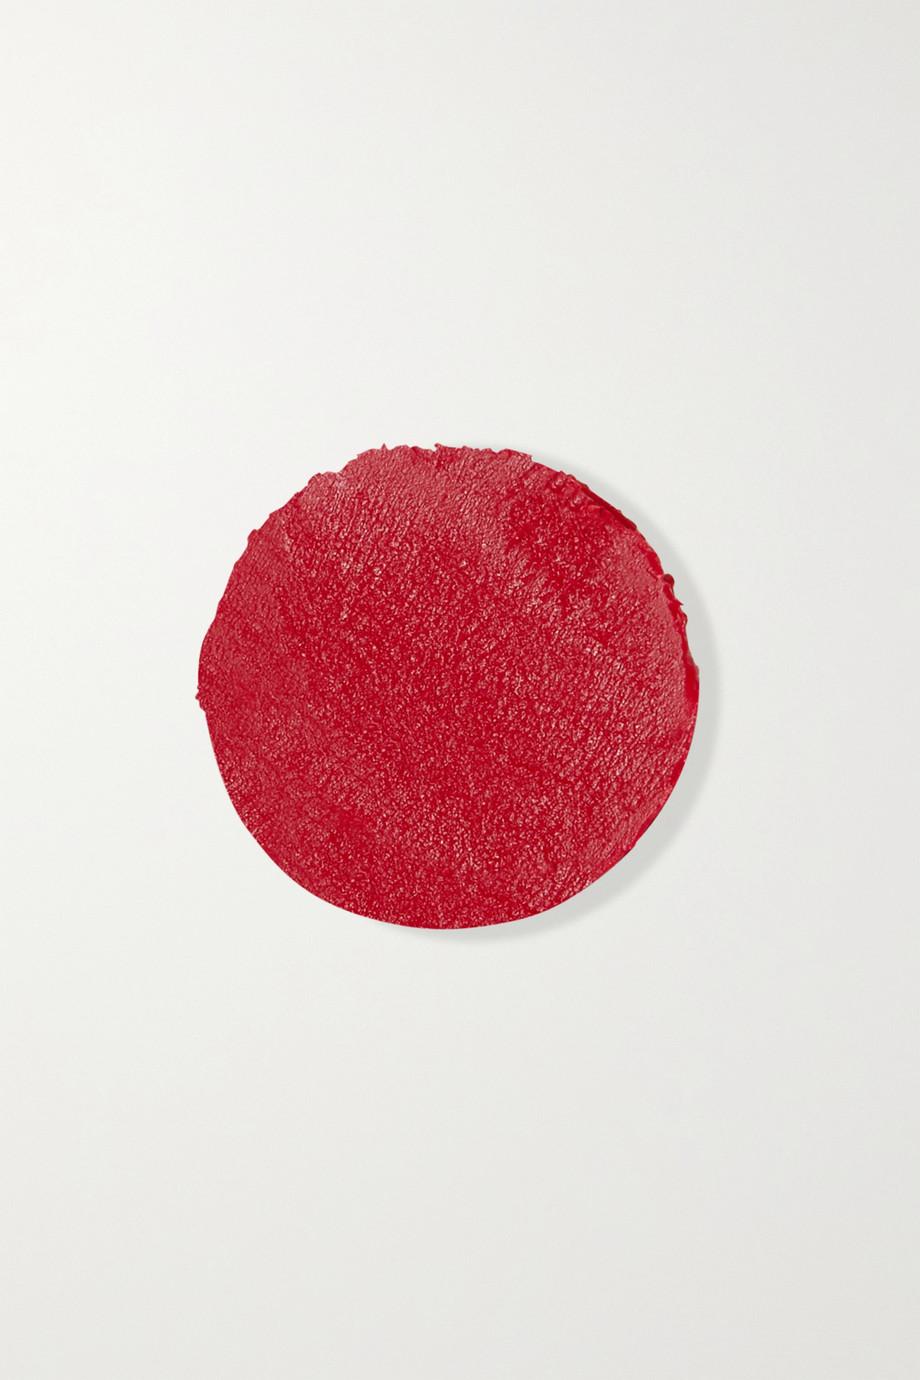 Ilia Color Block Lipstick - Grenadine